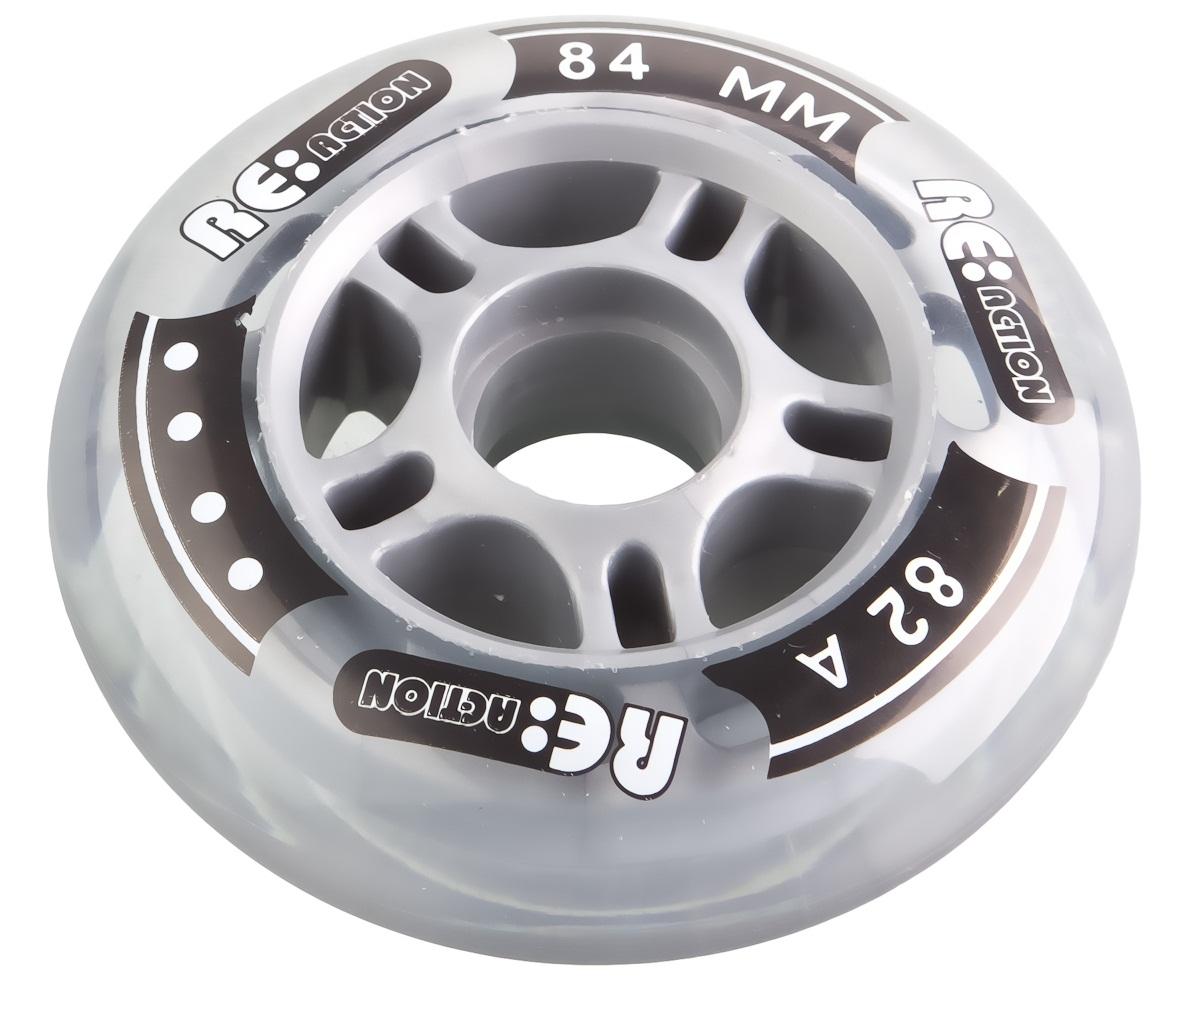 REACTION Набор колес для роликов REACTION 84 мм, 82А, 4 шт reaction колесо для самоката reaction 125 мм